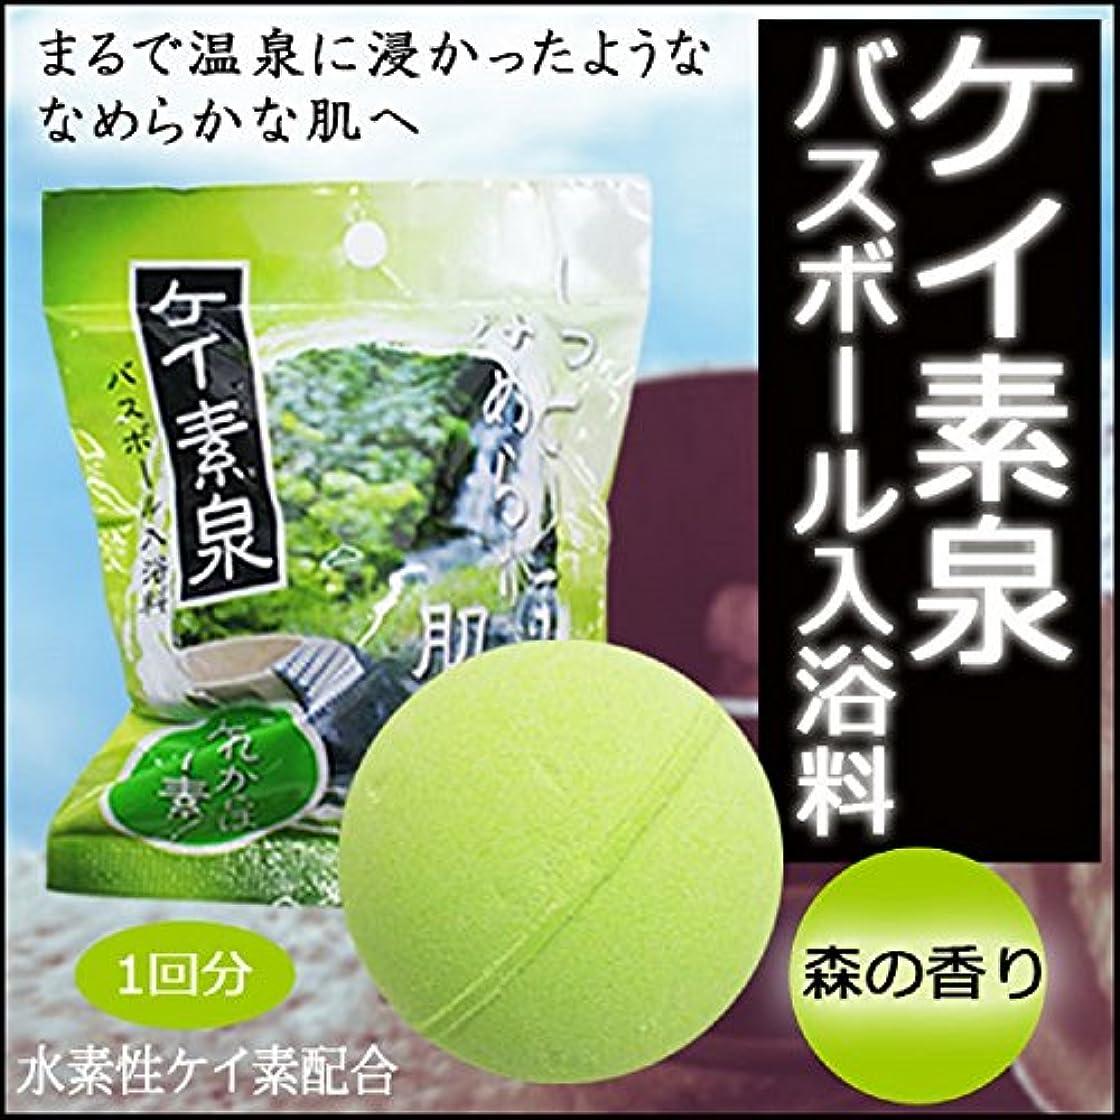 ケイ素泉 バスボール入浴料 10個セット